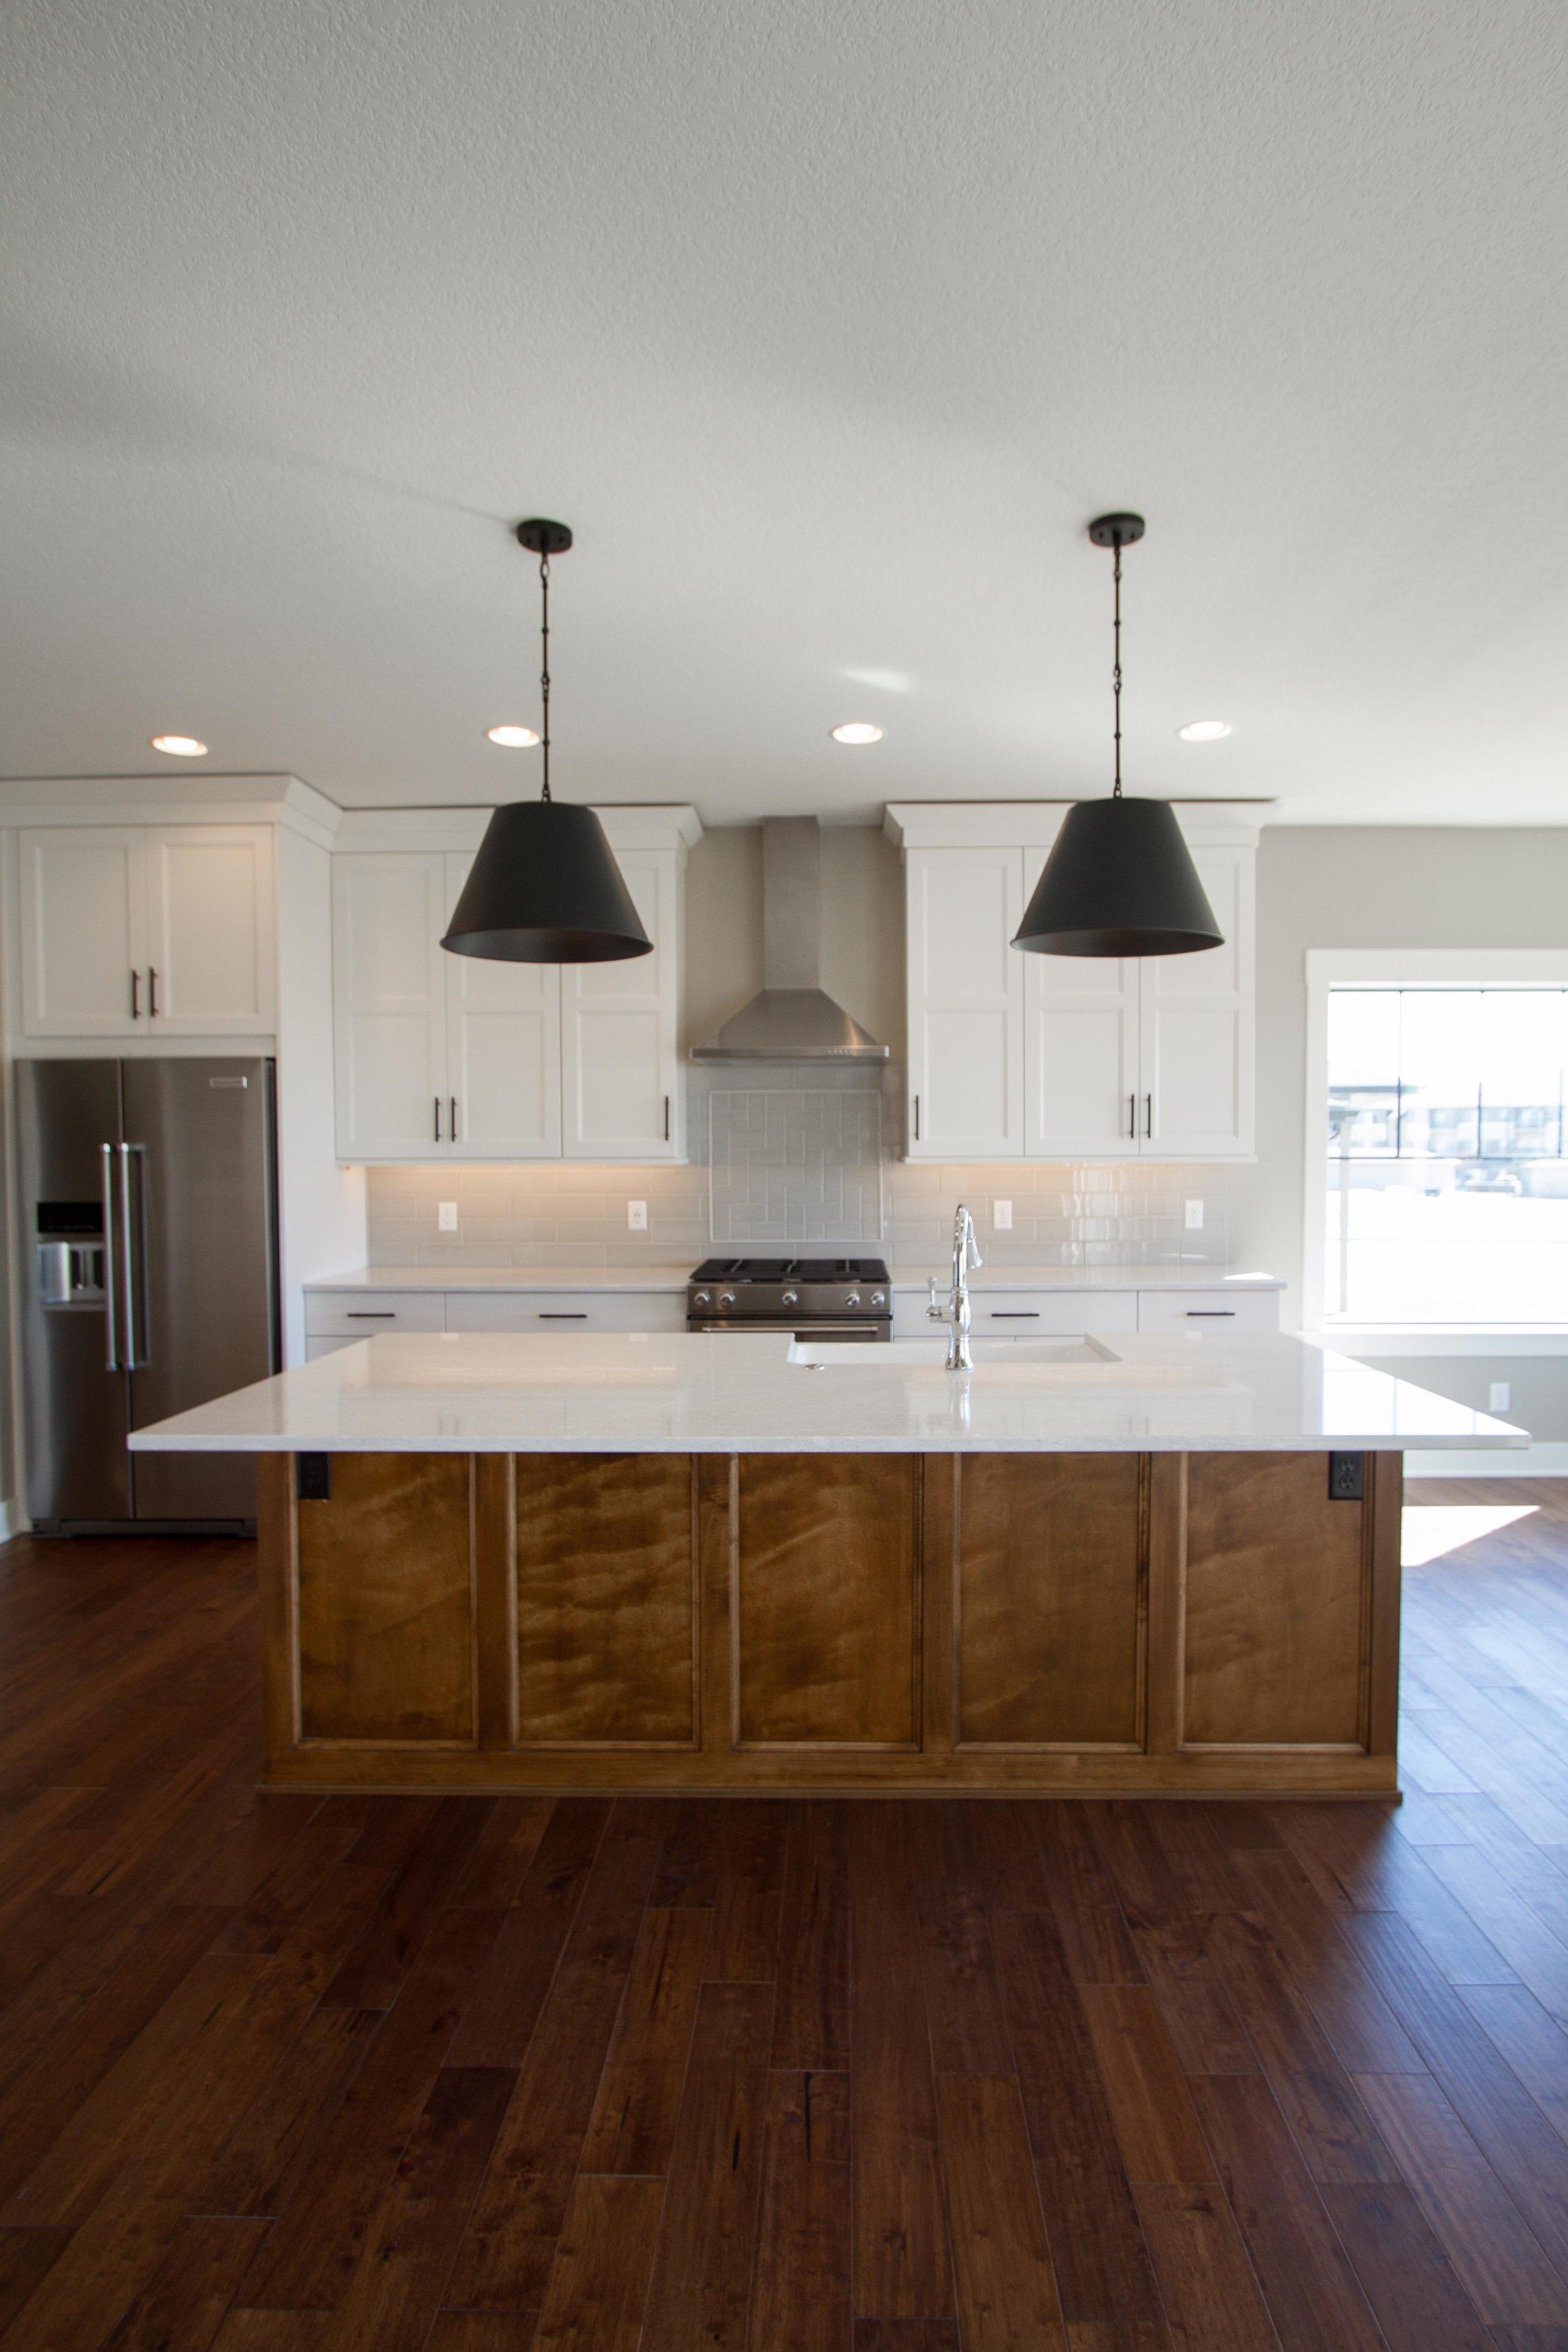 Next_Step_Homes-Kitchen-3.jpg